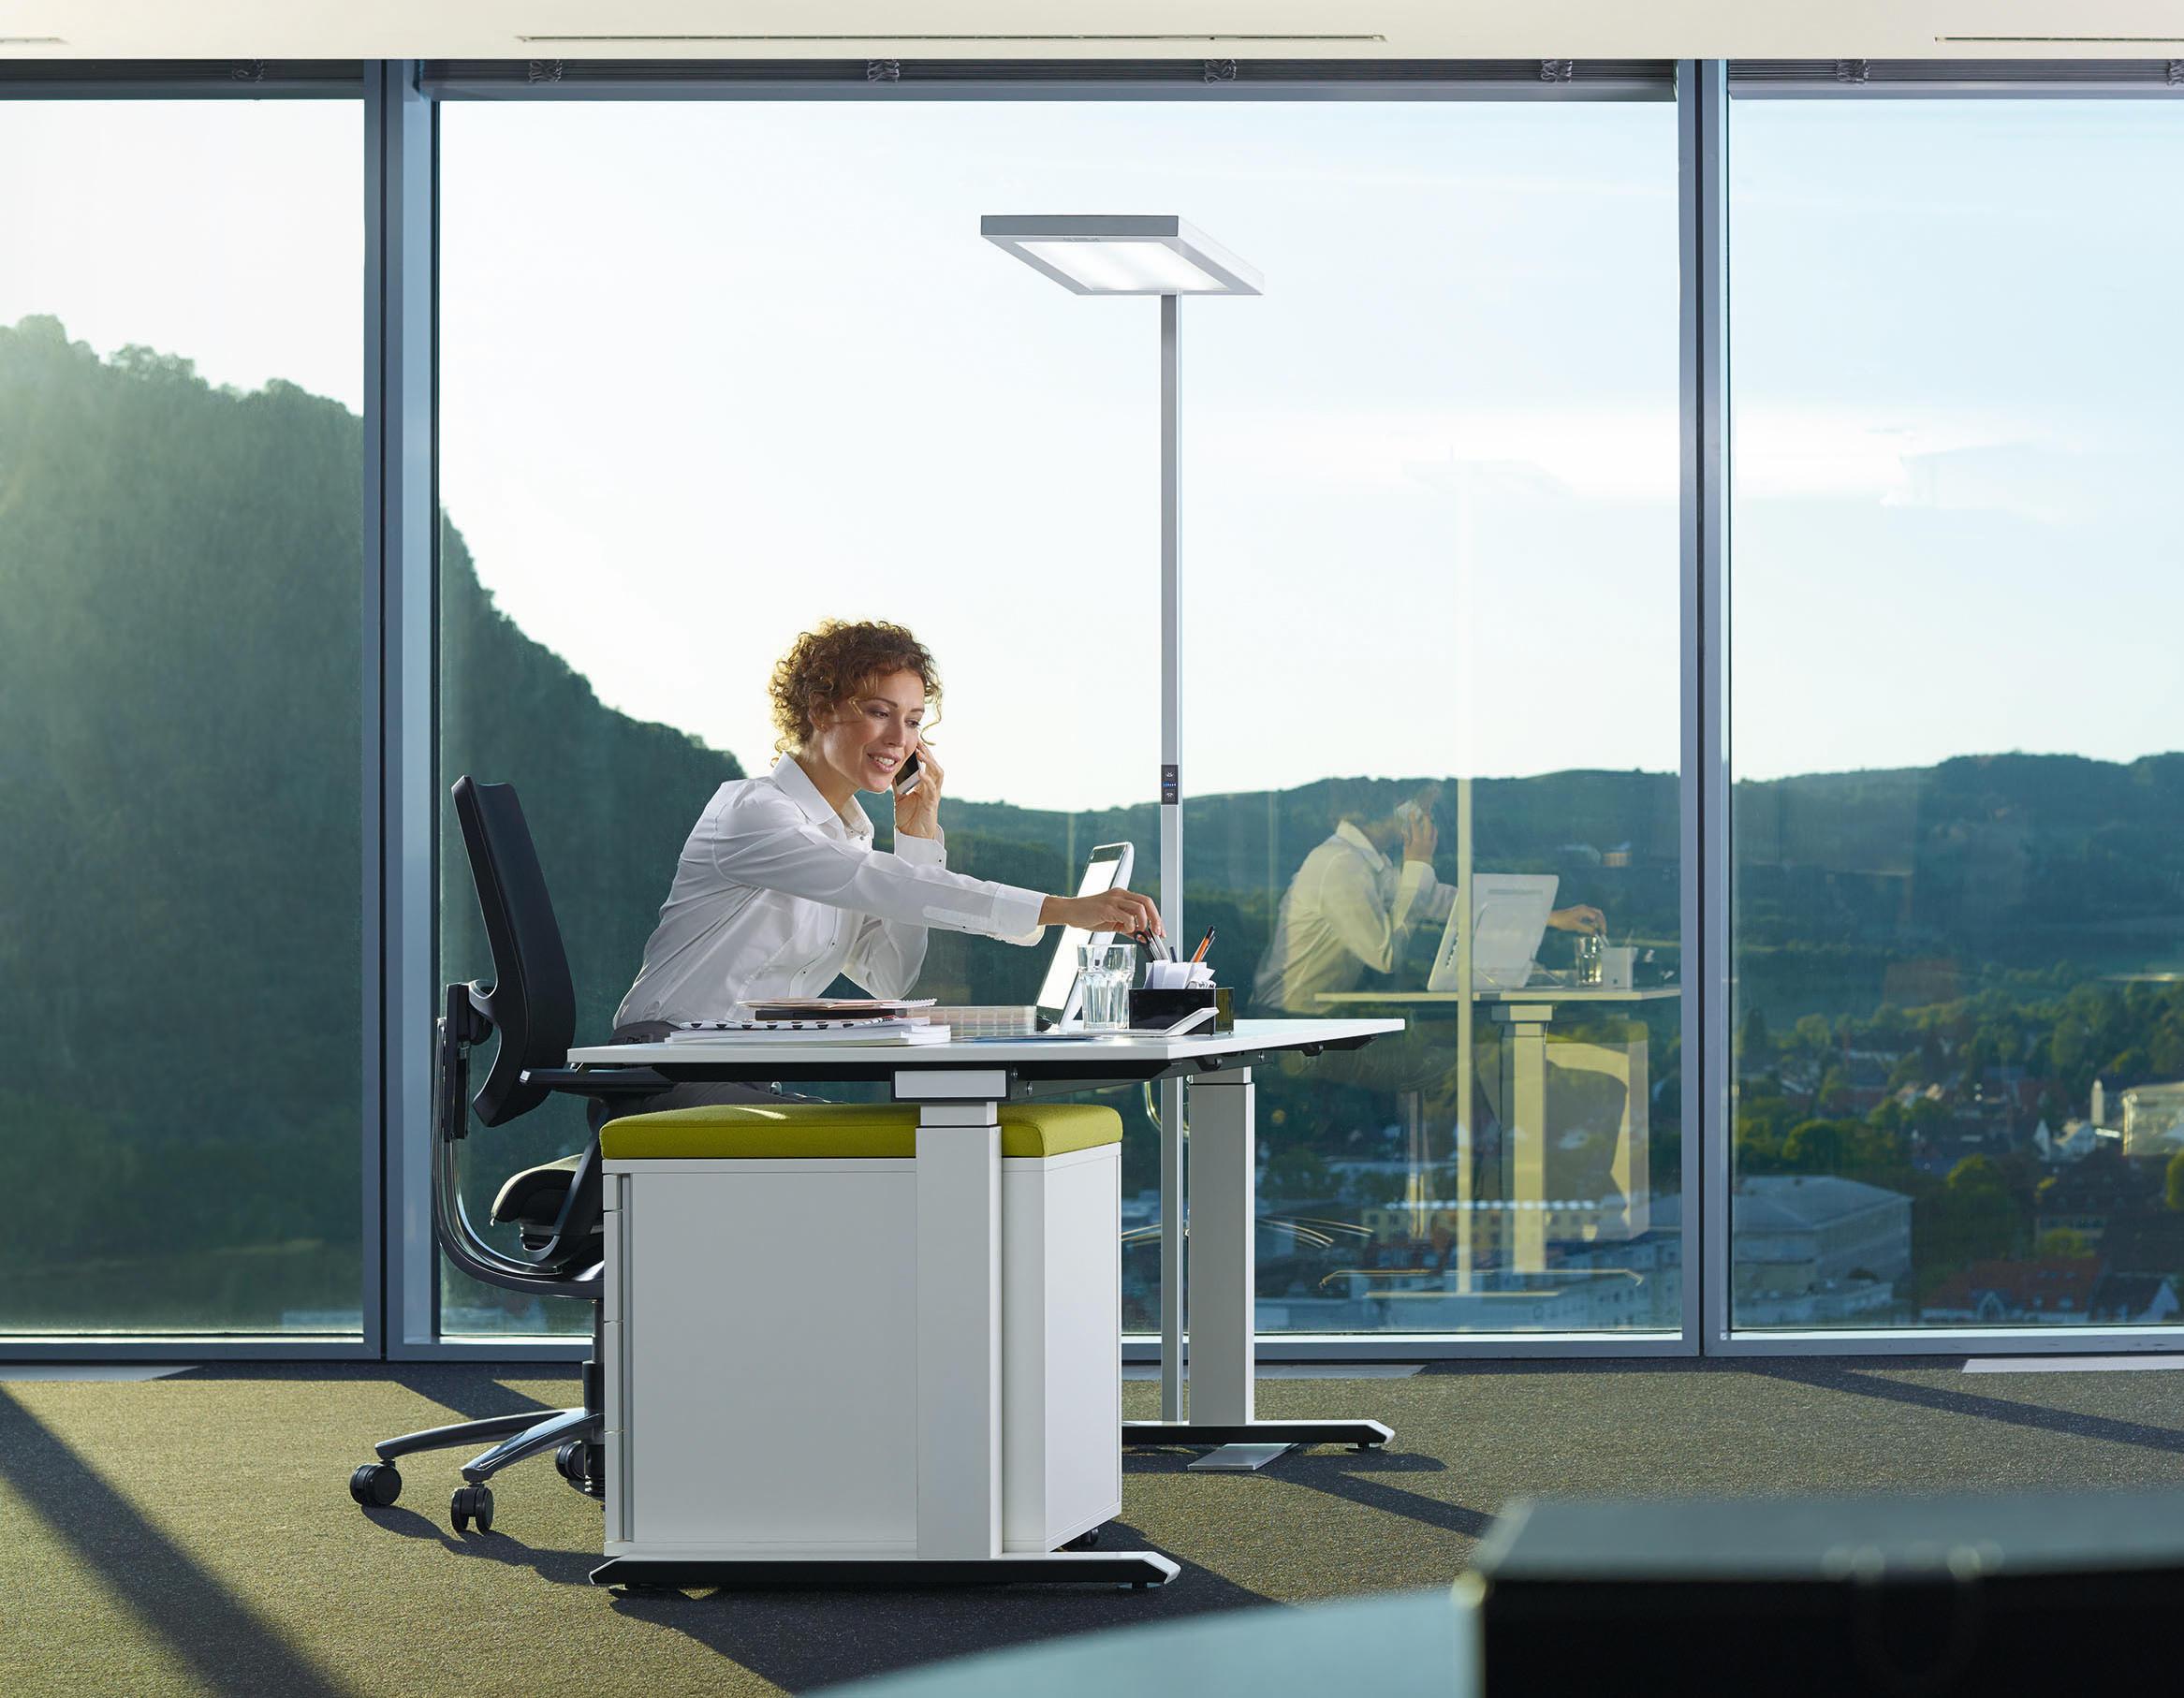 lavigo pulse vtl stehleuchte arbeitsplatzleuchten von h. Black Bedroom Furniture Sets. Home Design Ideas